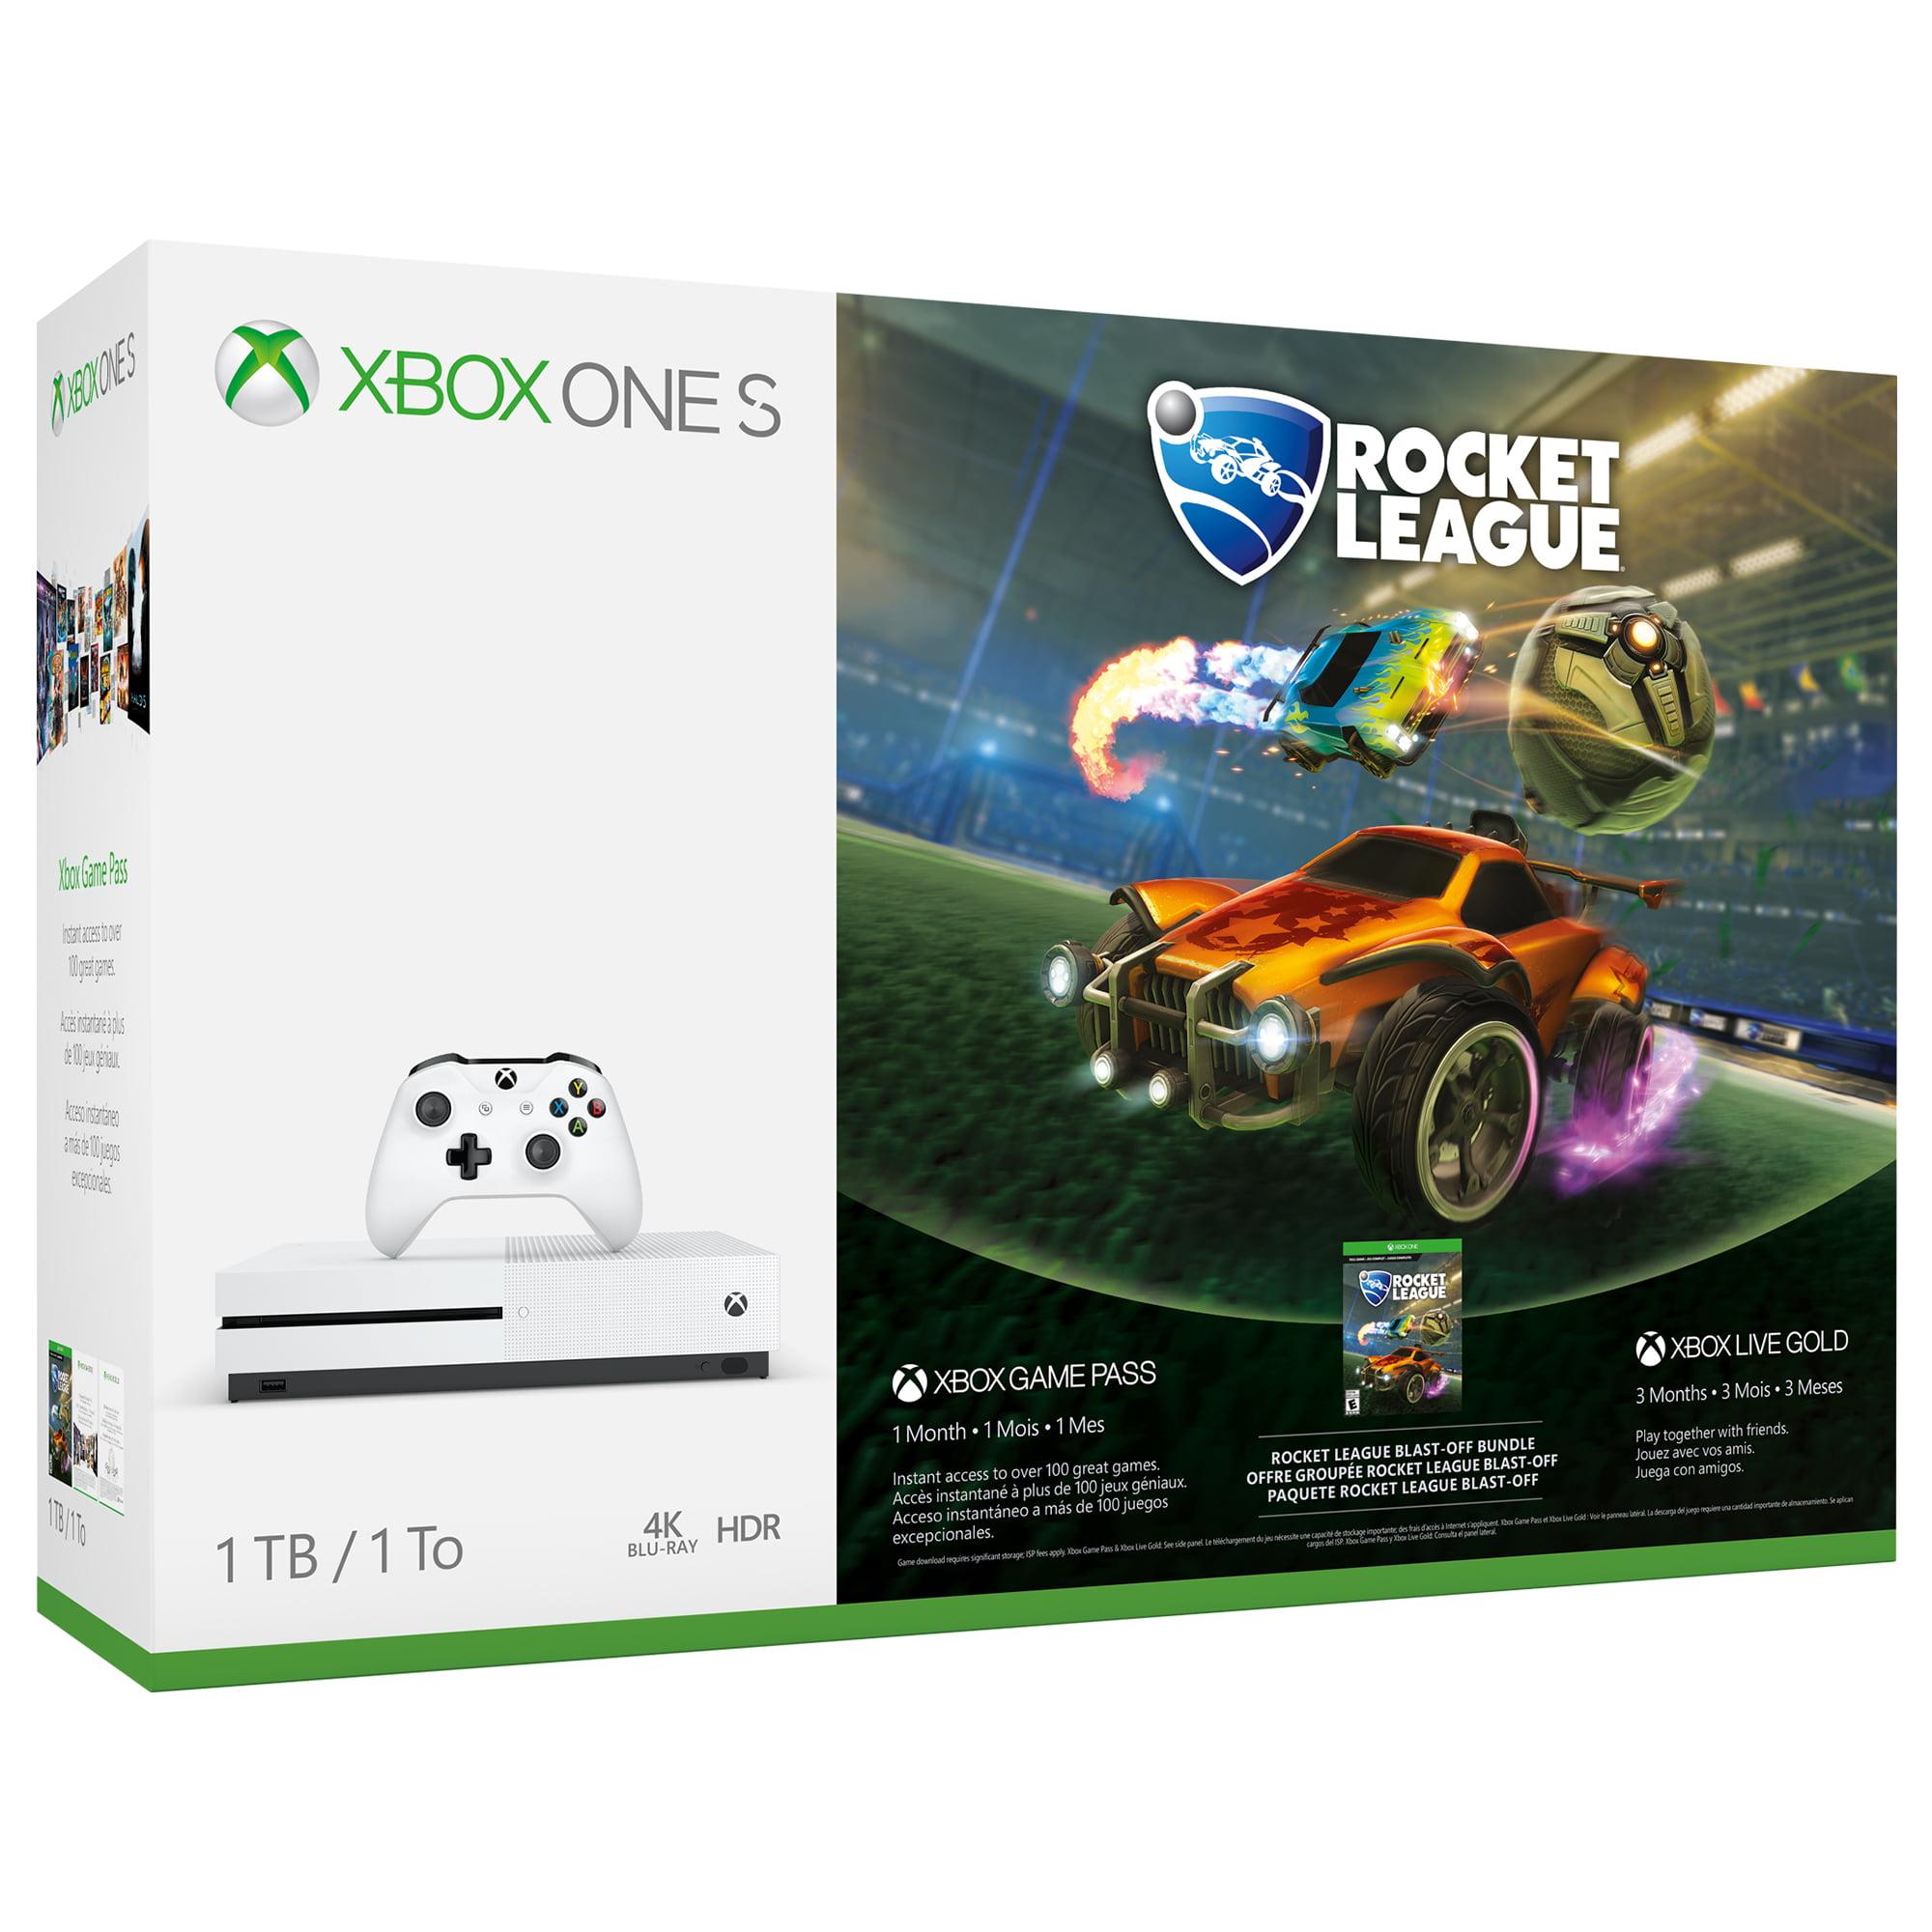 Microsoft Xbox One S 1TB Rocket League Bundle, White, 234-00370